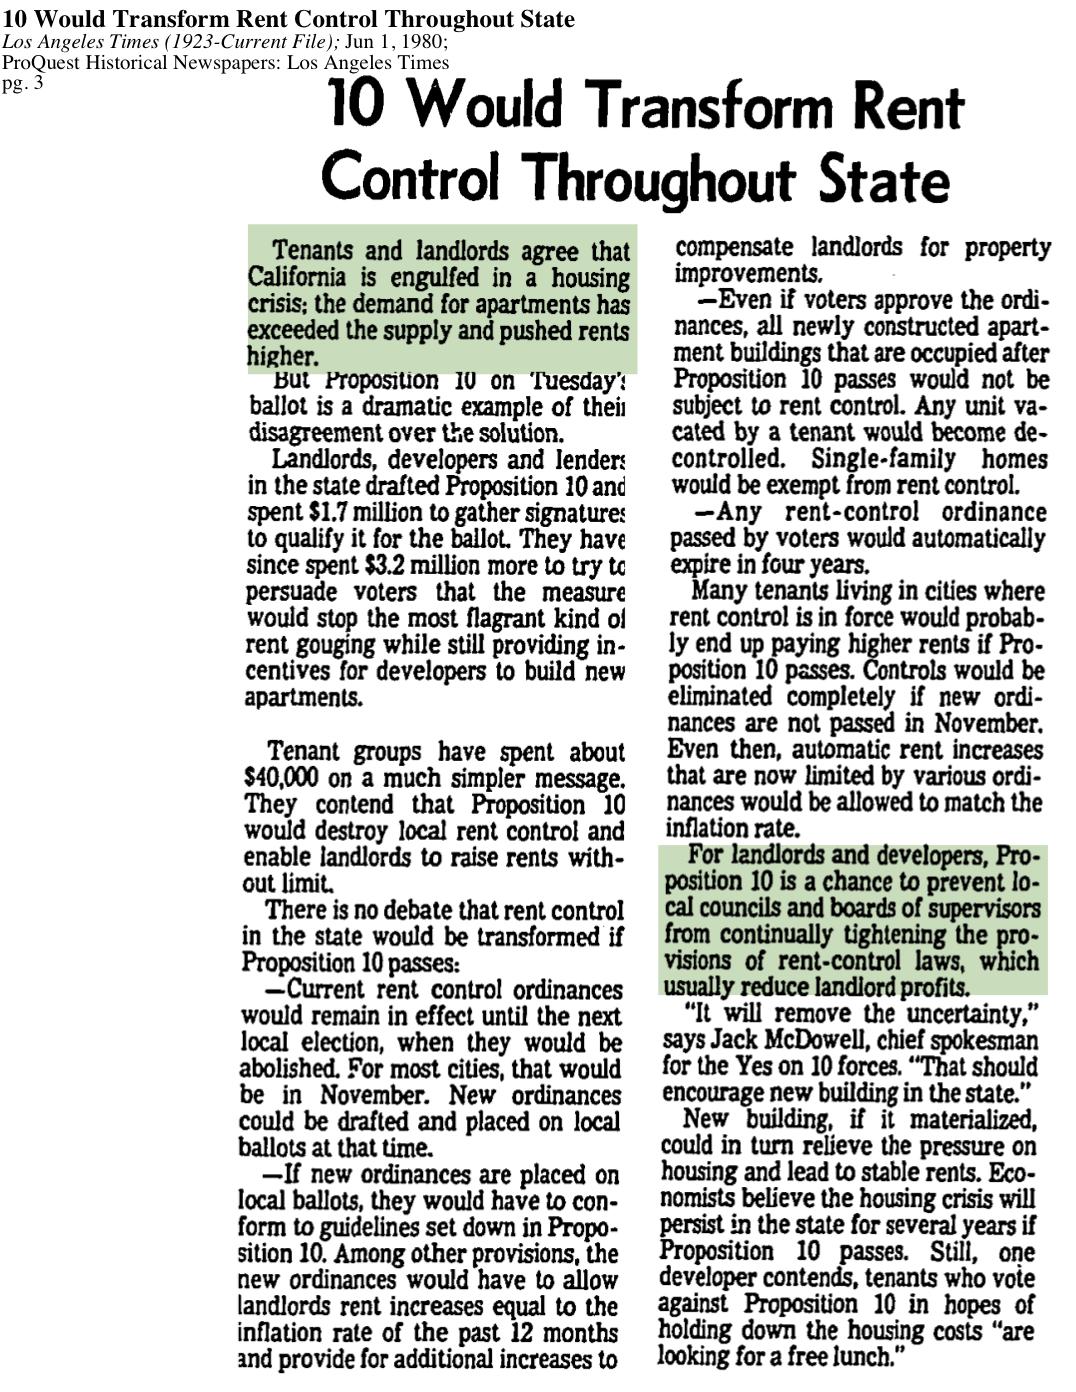 1980-Proposition 10 Transform Rent Control Crisis